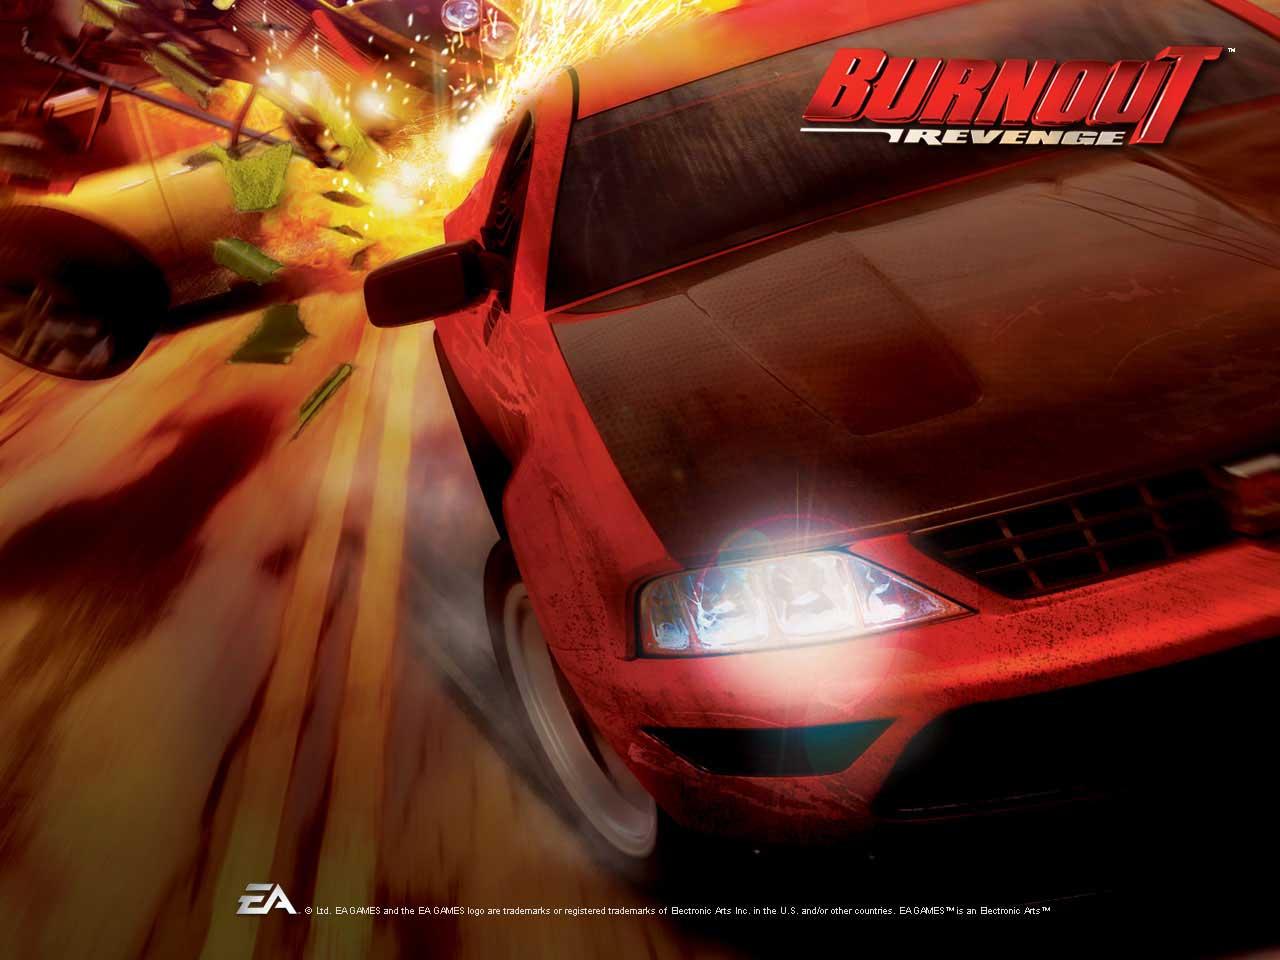 http://4.bp.blogspot.com/-cPwsWrsJxqU/TiKNJdNNZzI/AAAAAAAABnU/gVcjm7QJeQg/s1600/Burnout+Revenge+%25282%2529.jpg